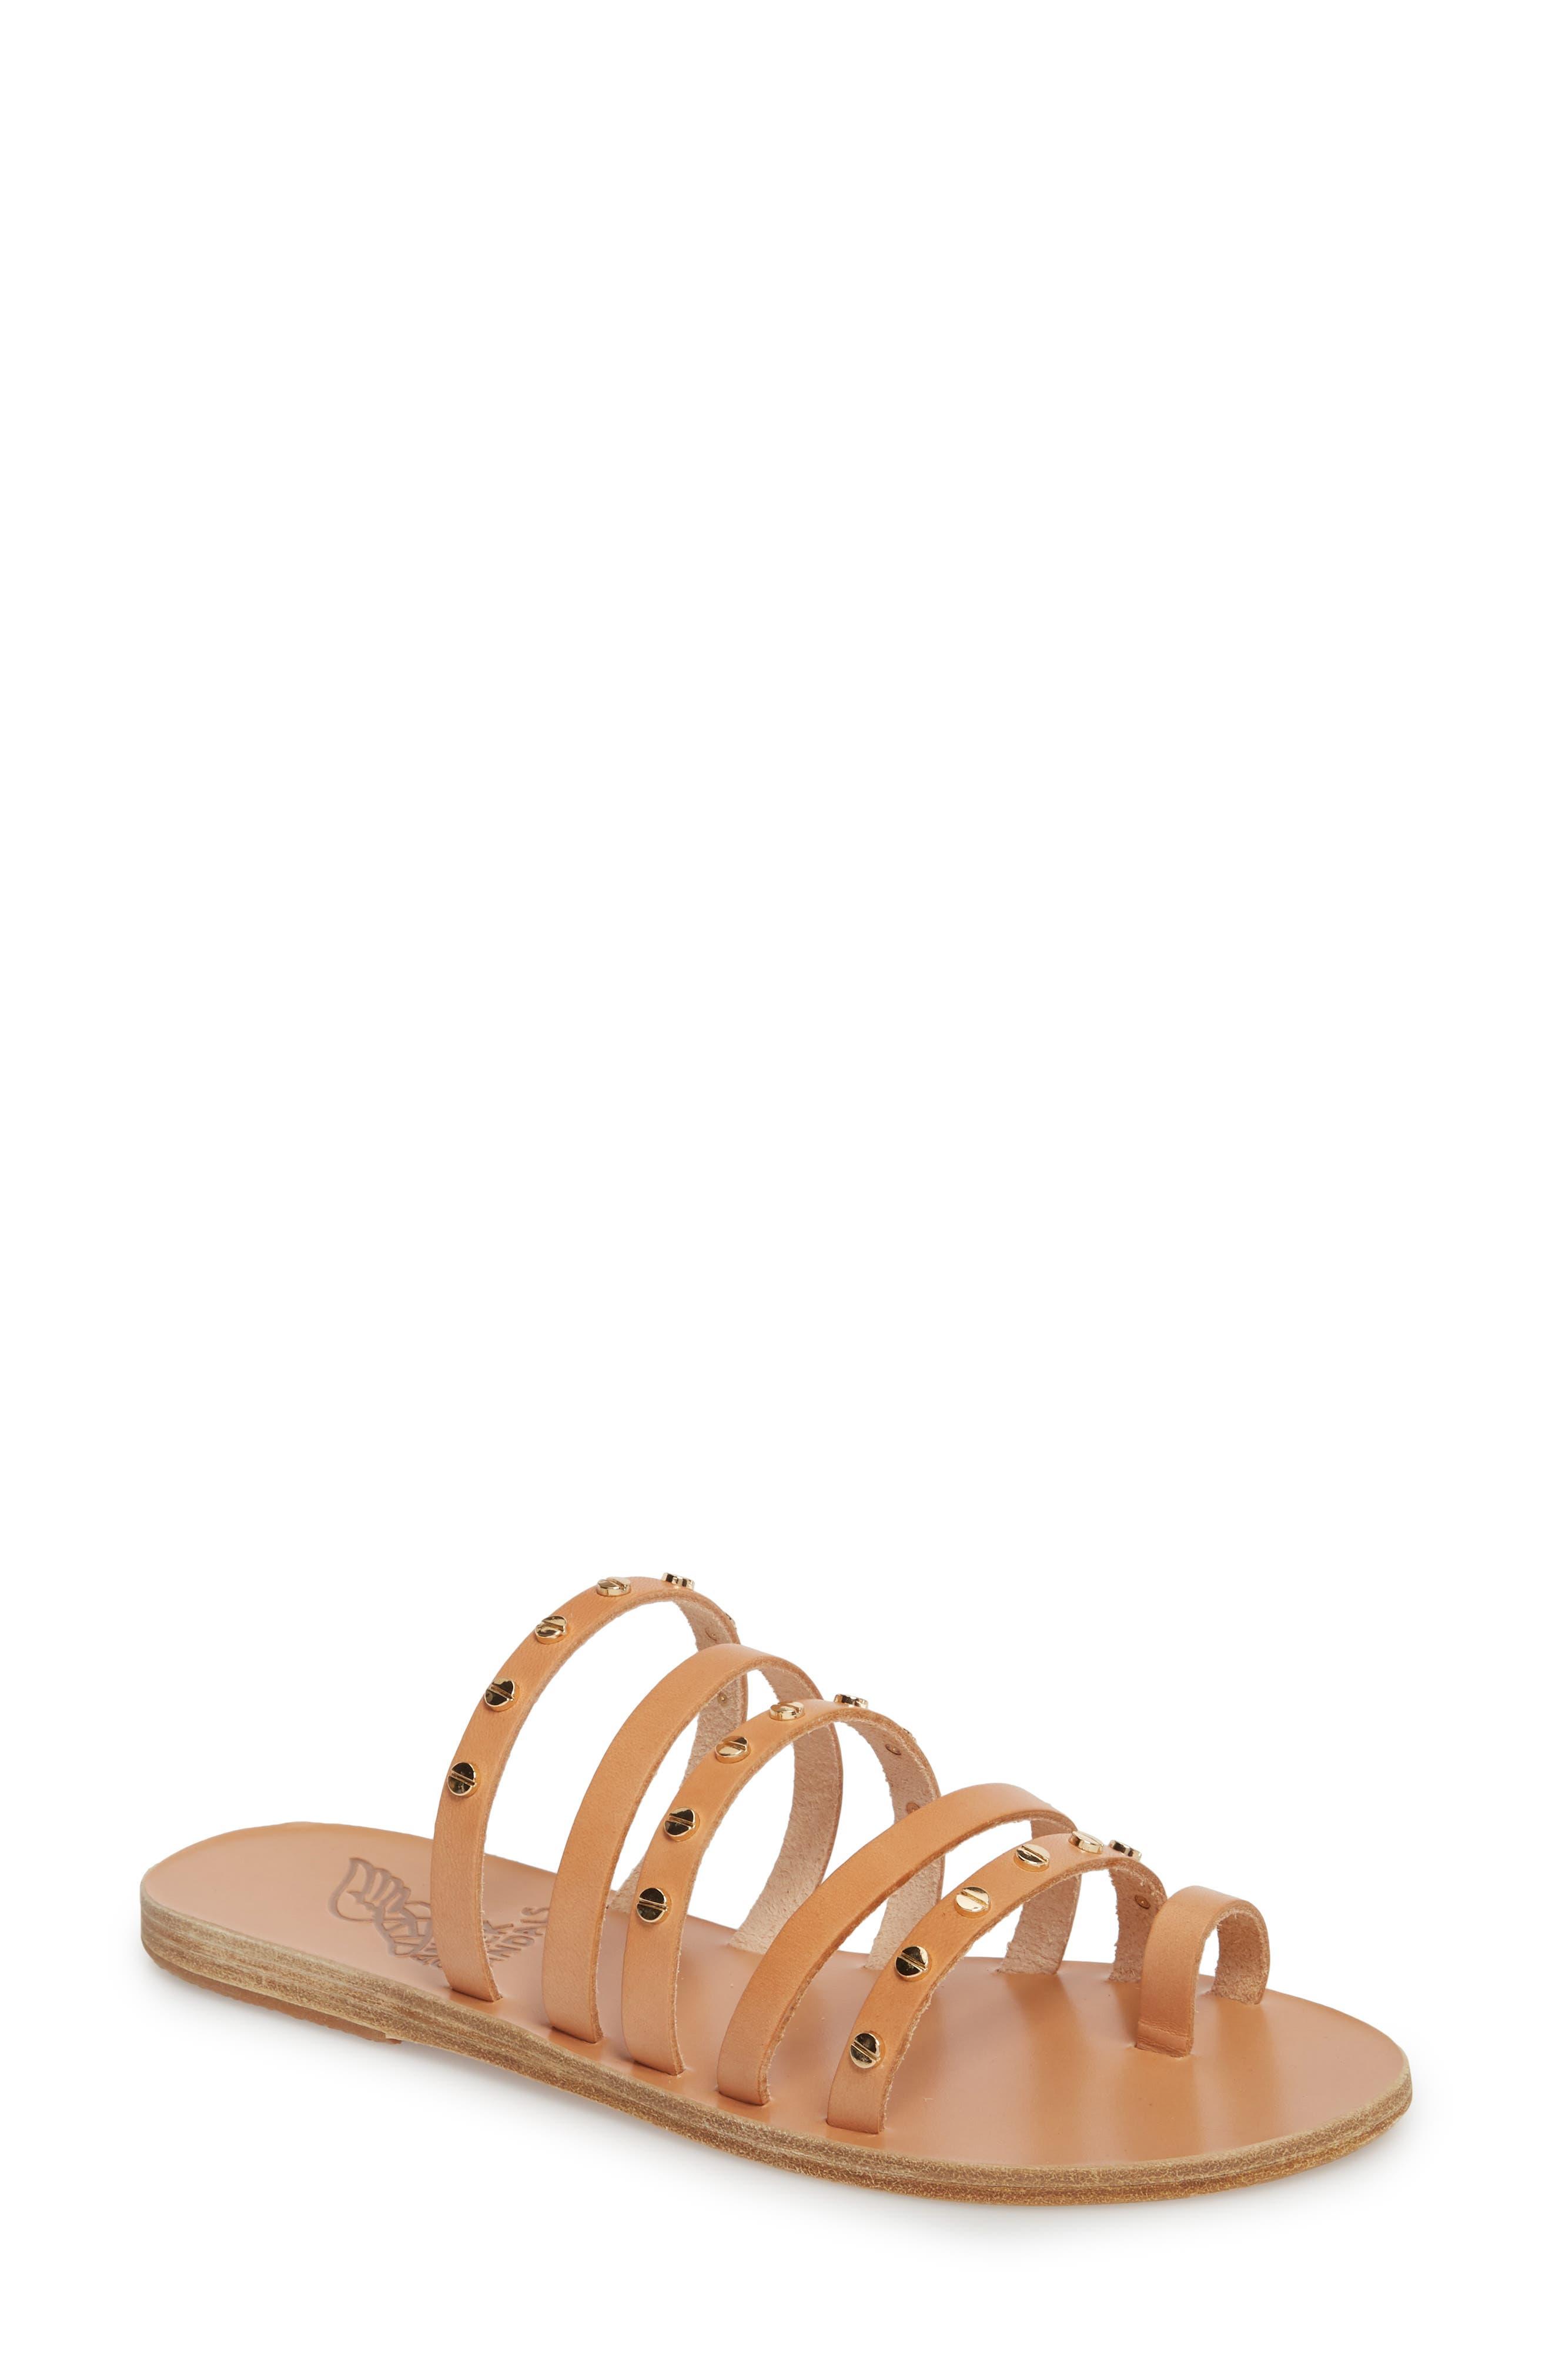 Niki Nails Sandal,                         Main,                         color, Natural